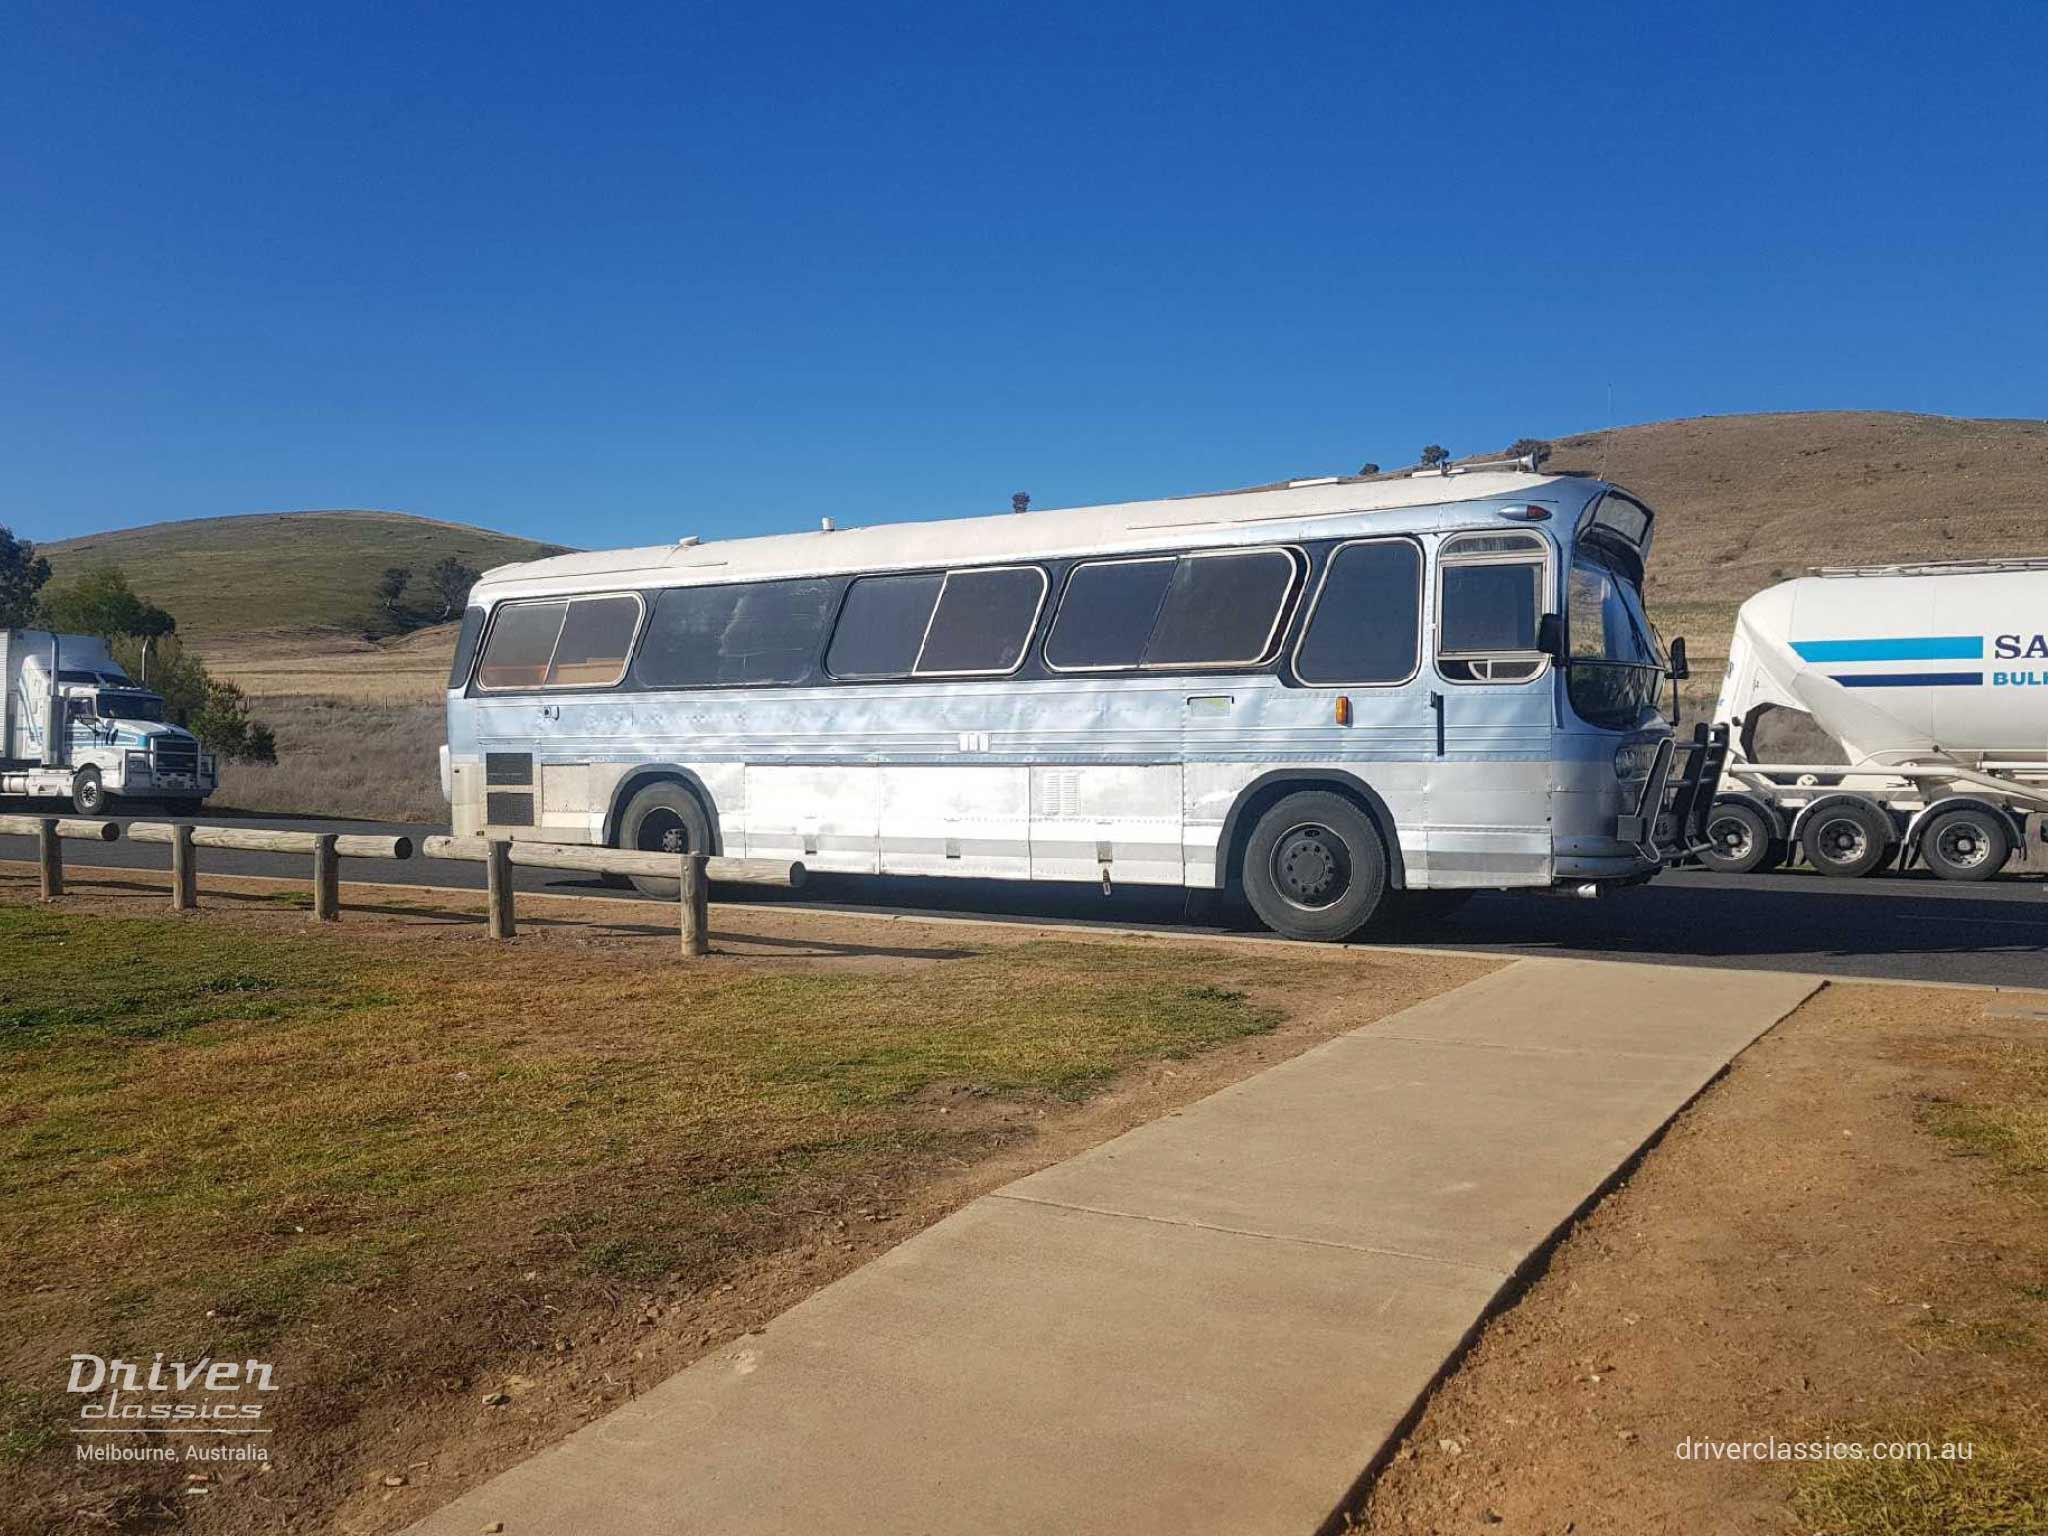 Ansair Scenicruiser bus, GMC 1967 version, side profile, en route Sydney to Melbourne, August 2018